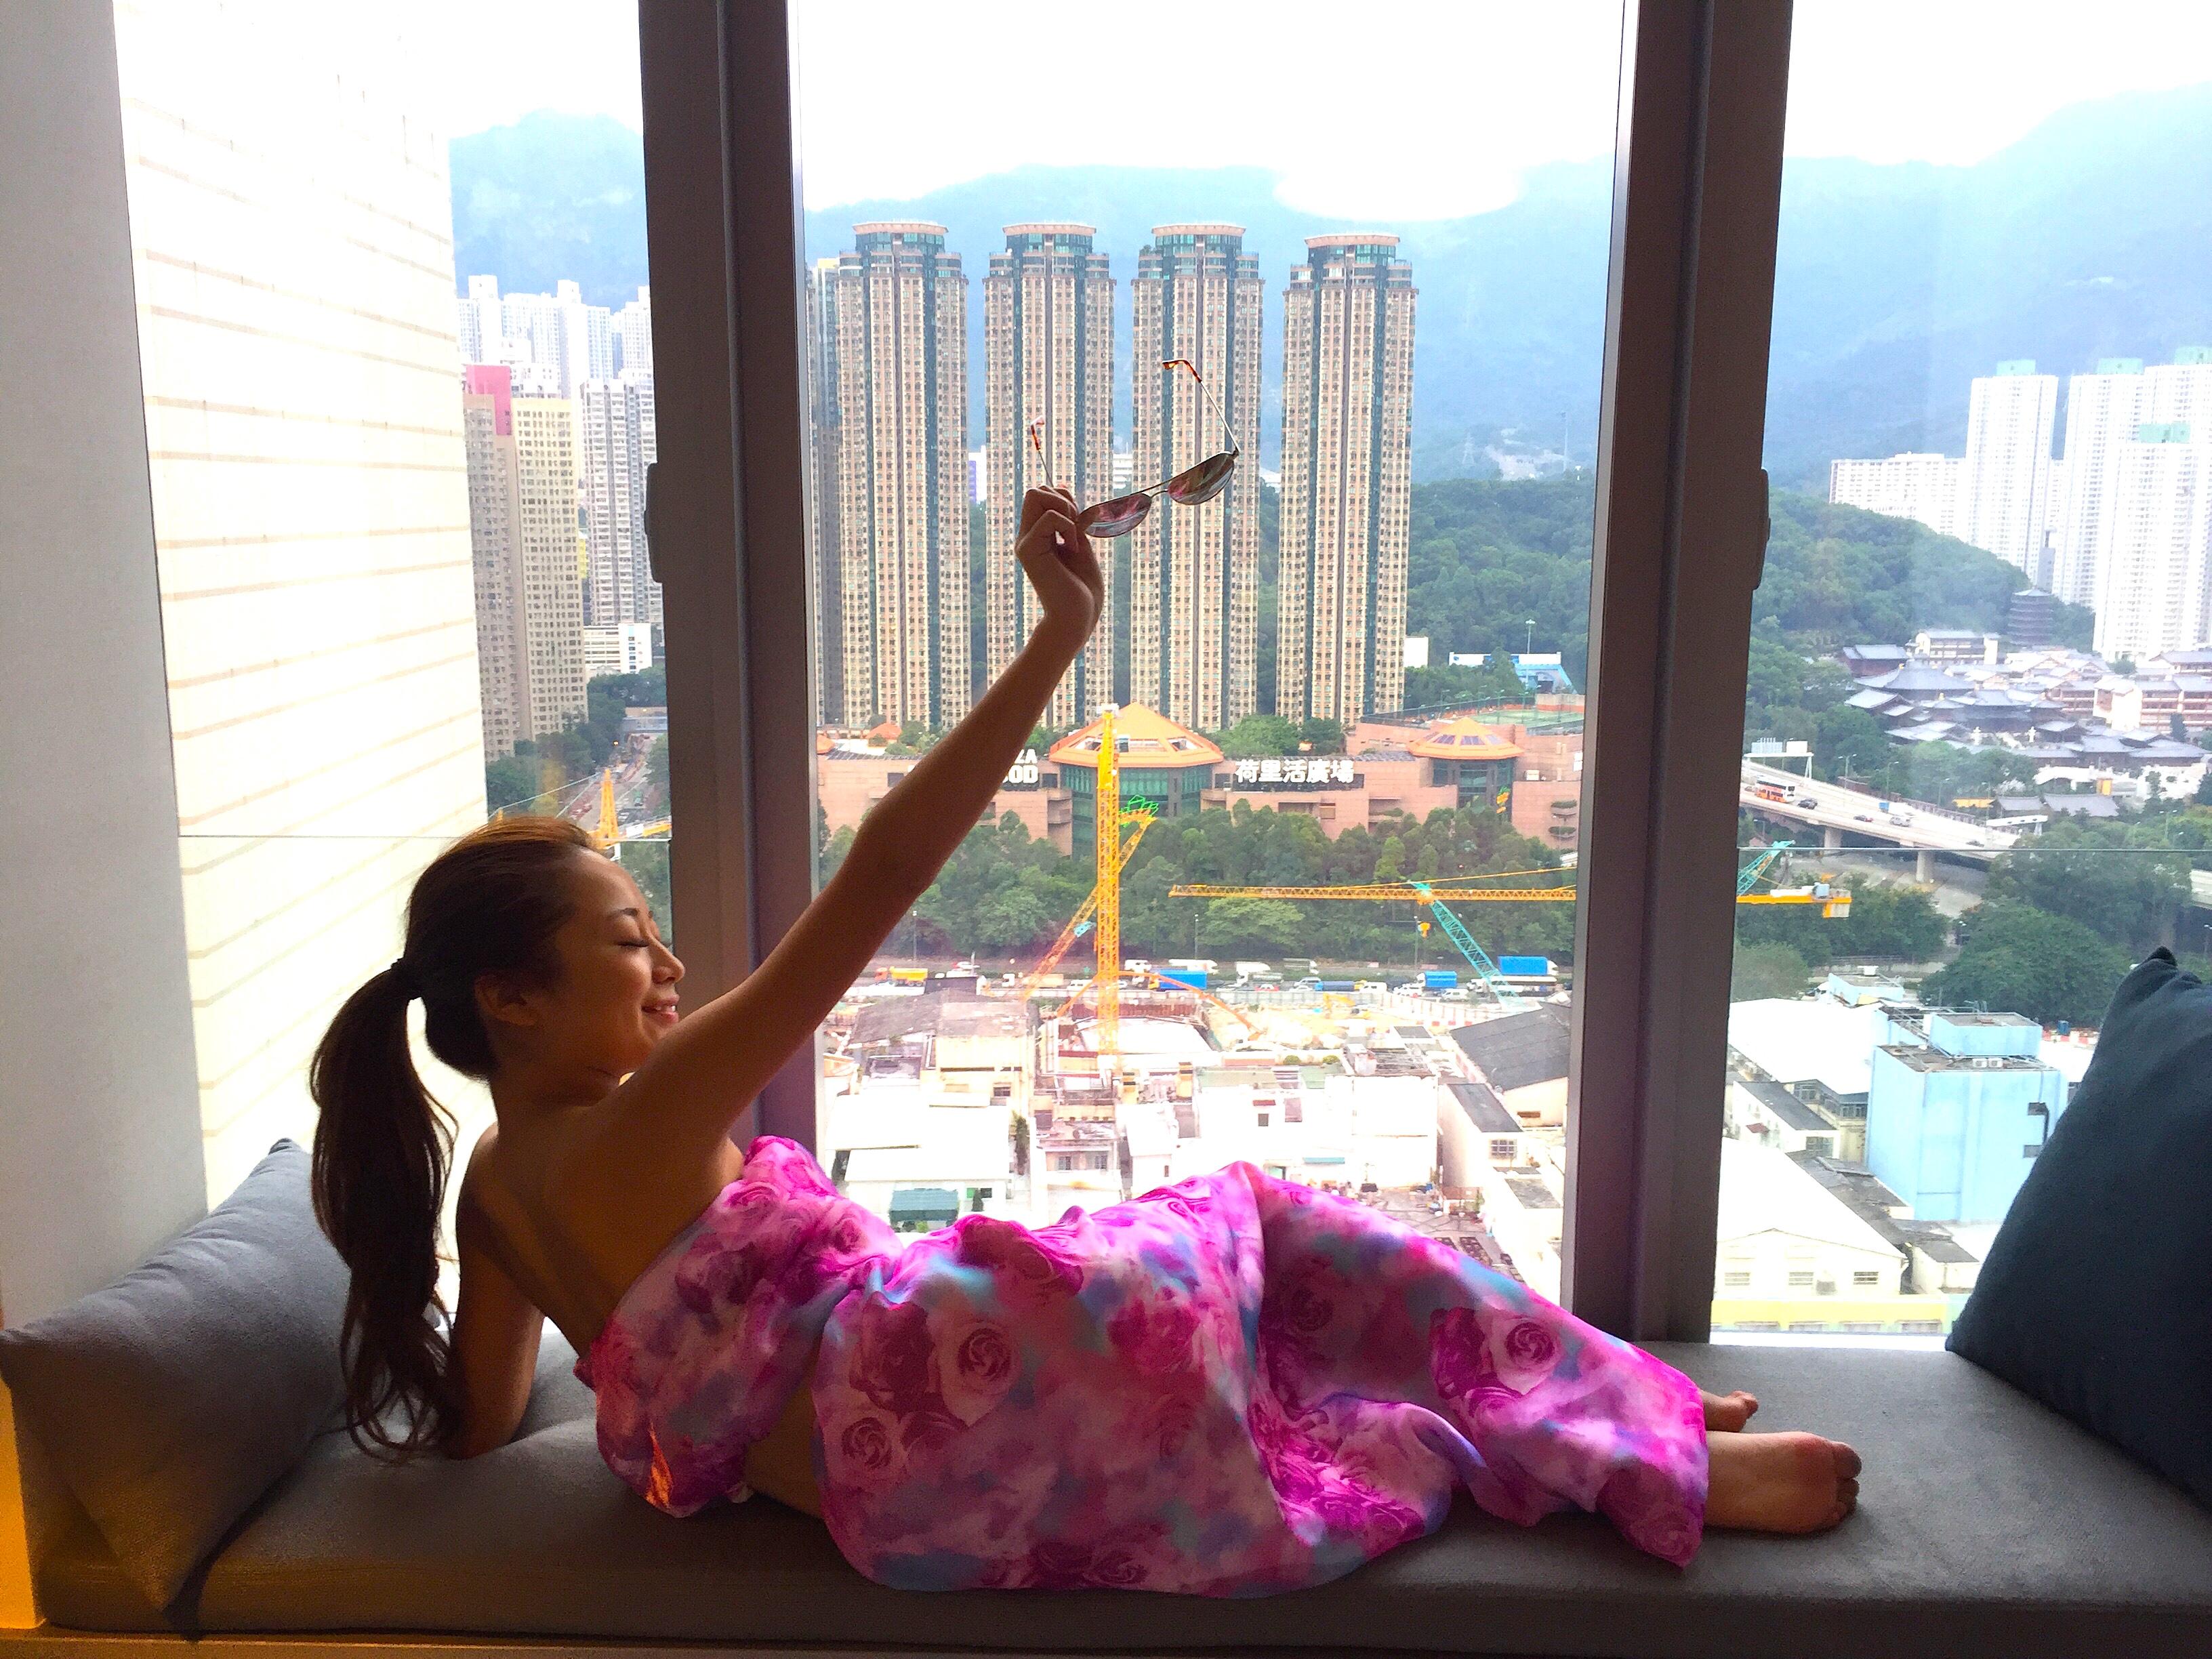 香港旅行 女子 ブログ